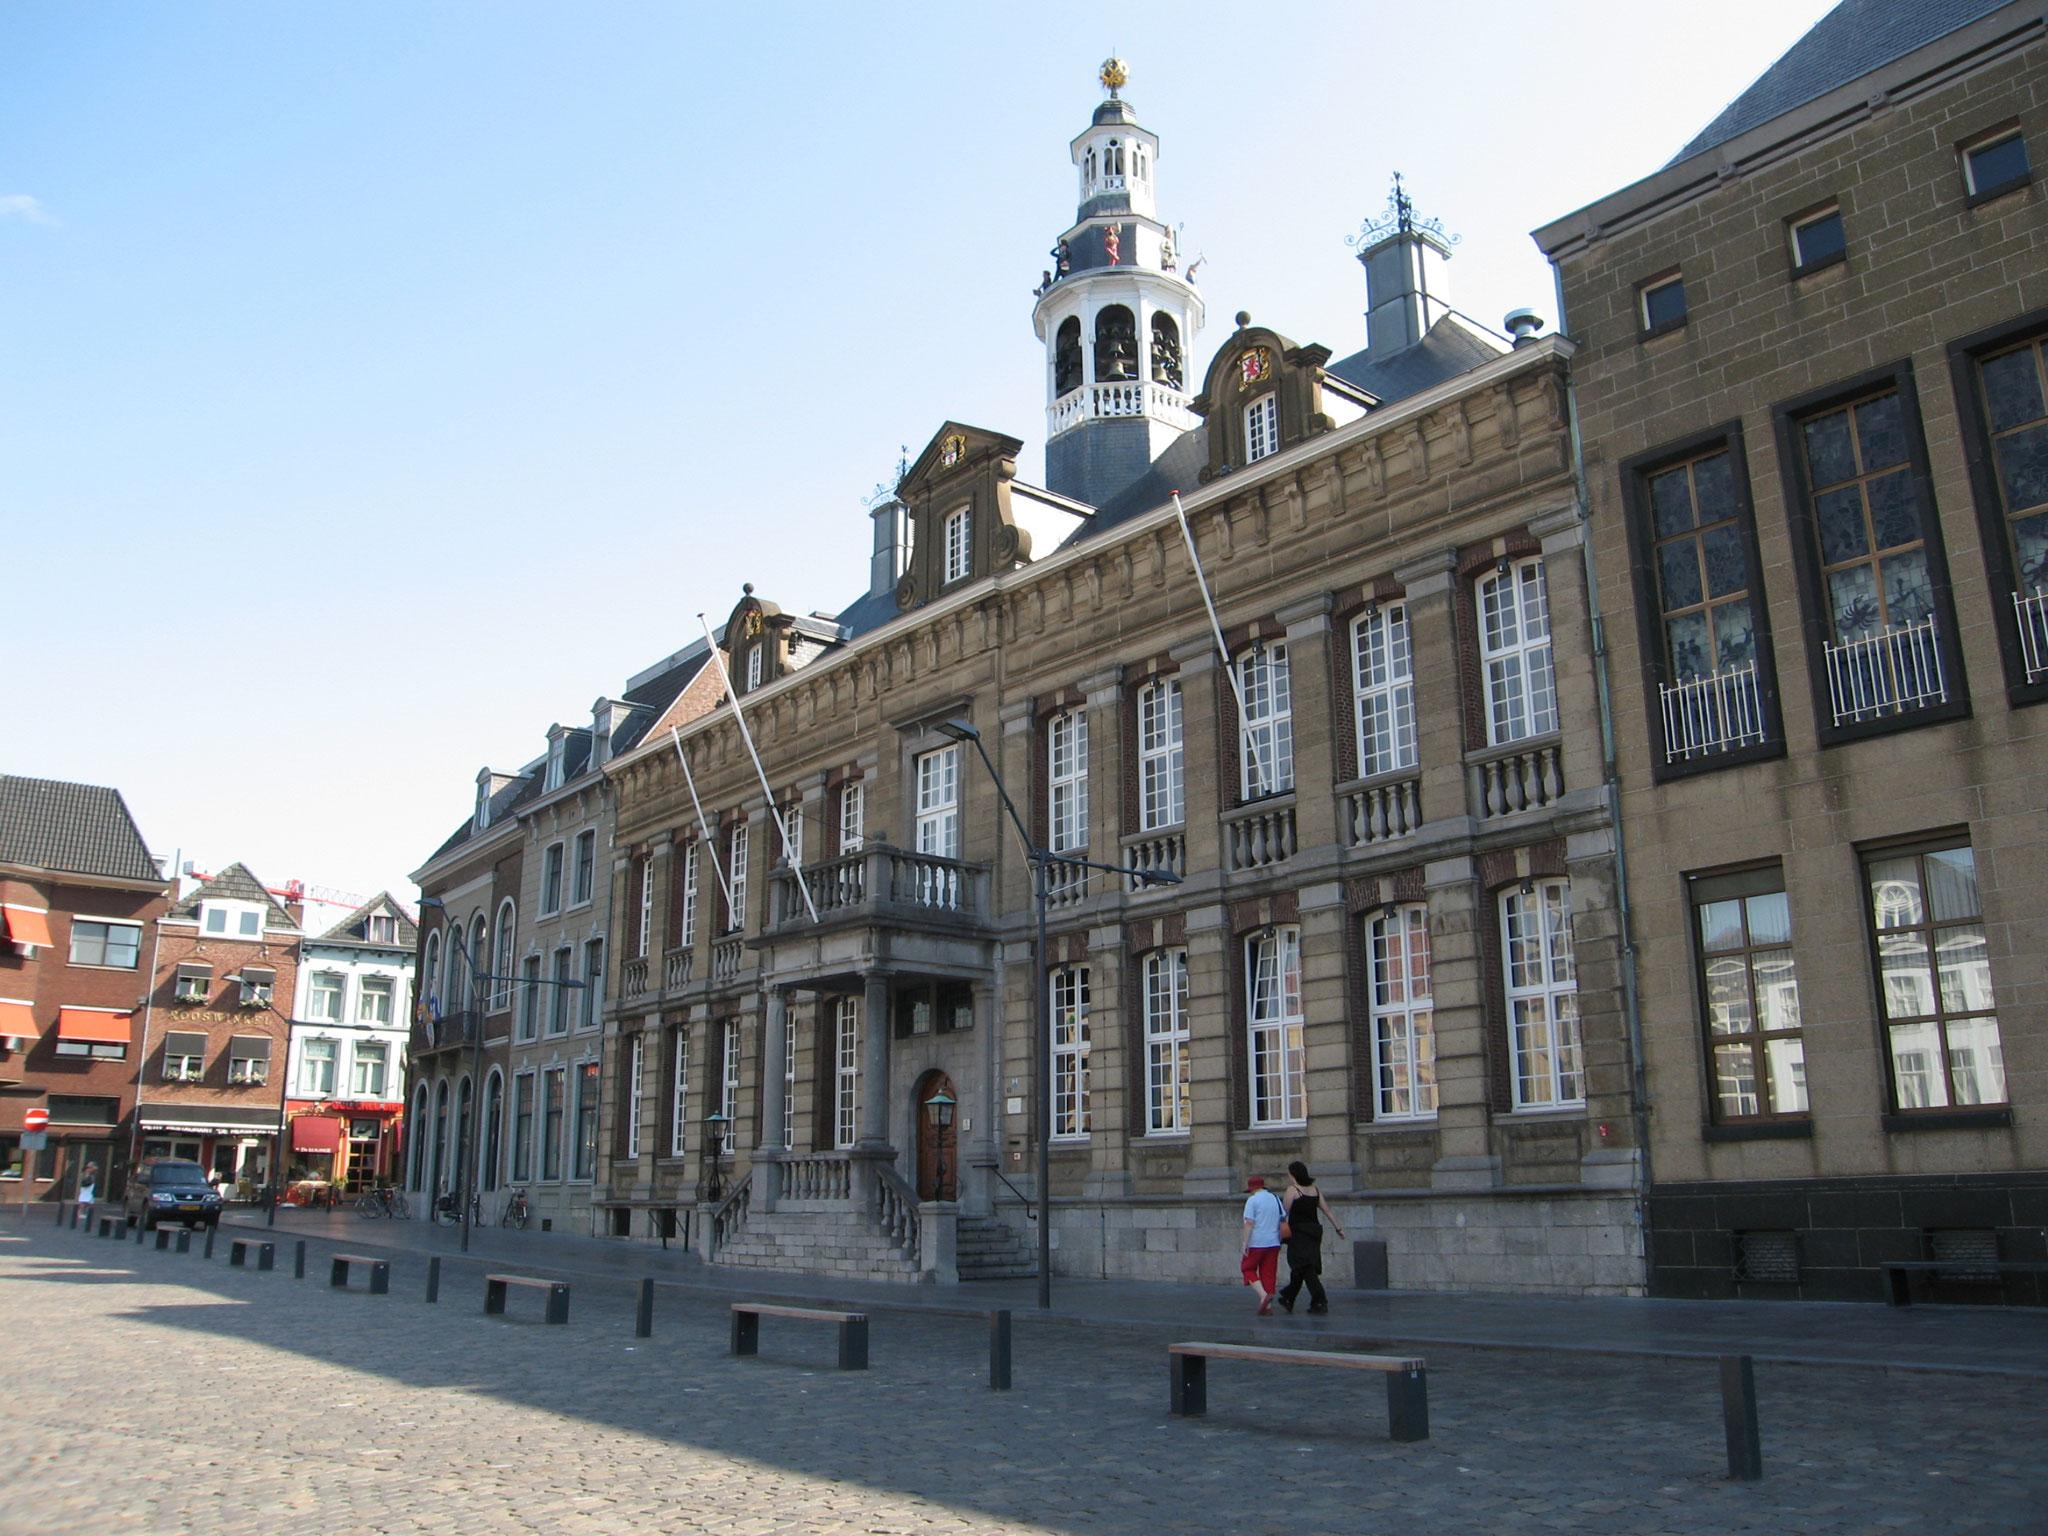 De Markt met het stadhuis.